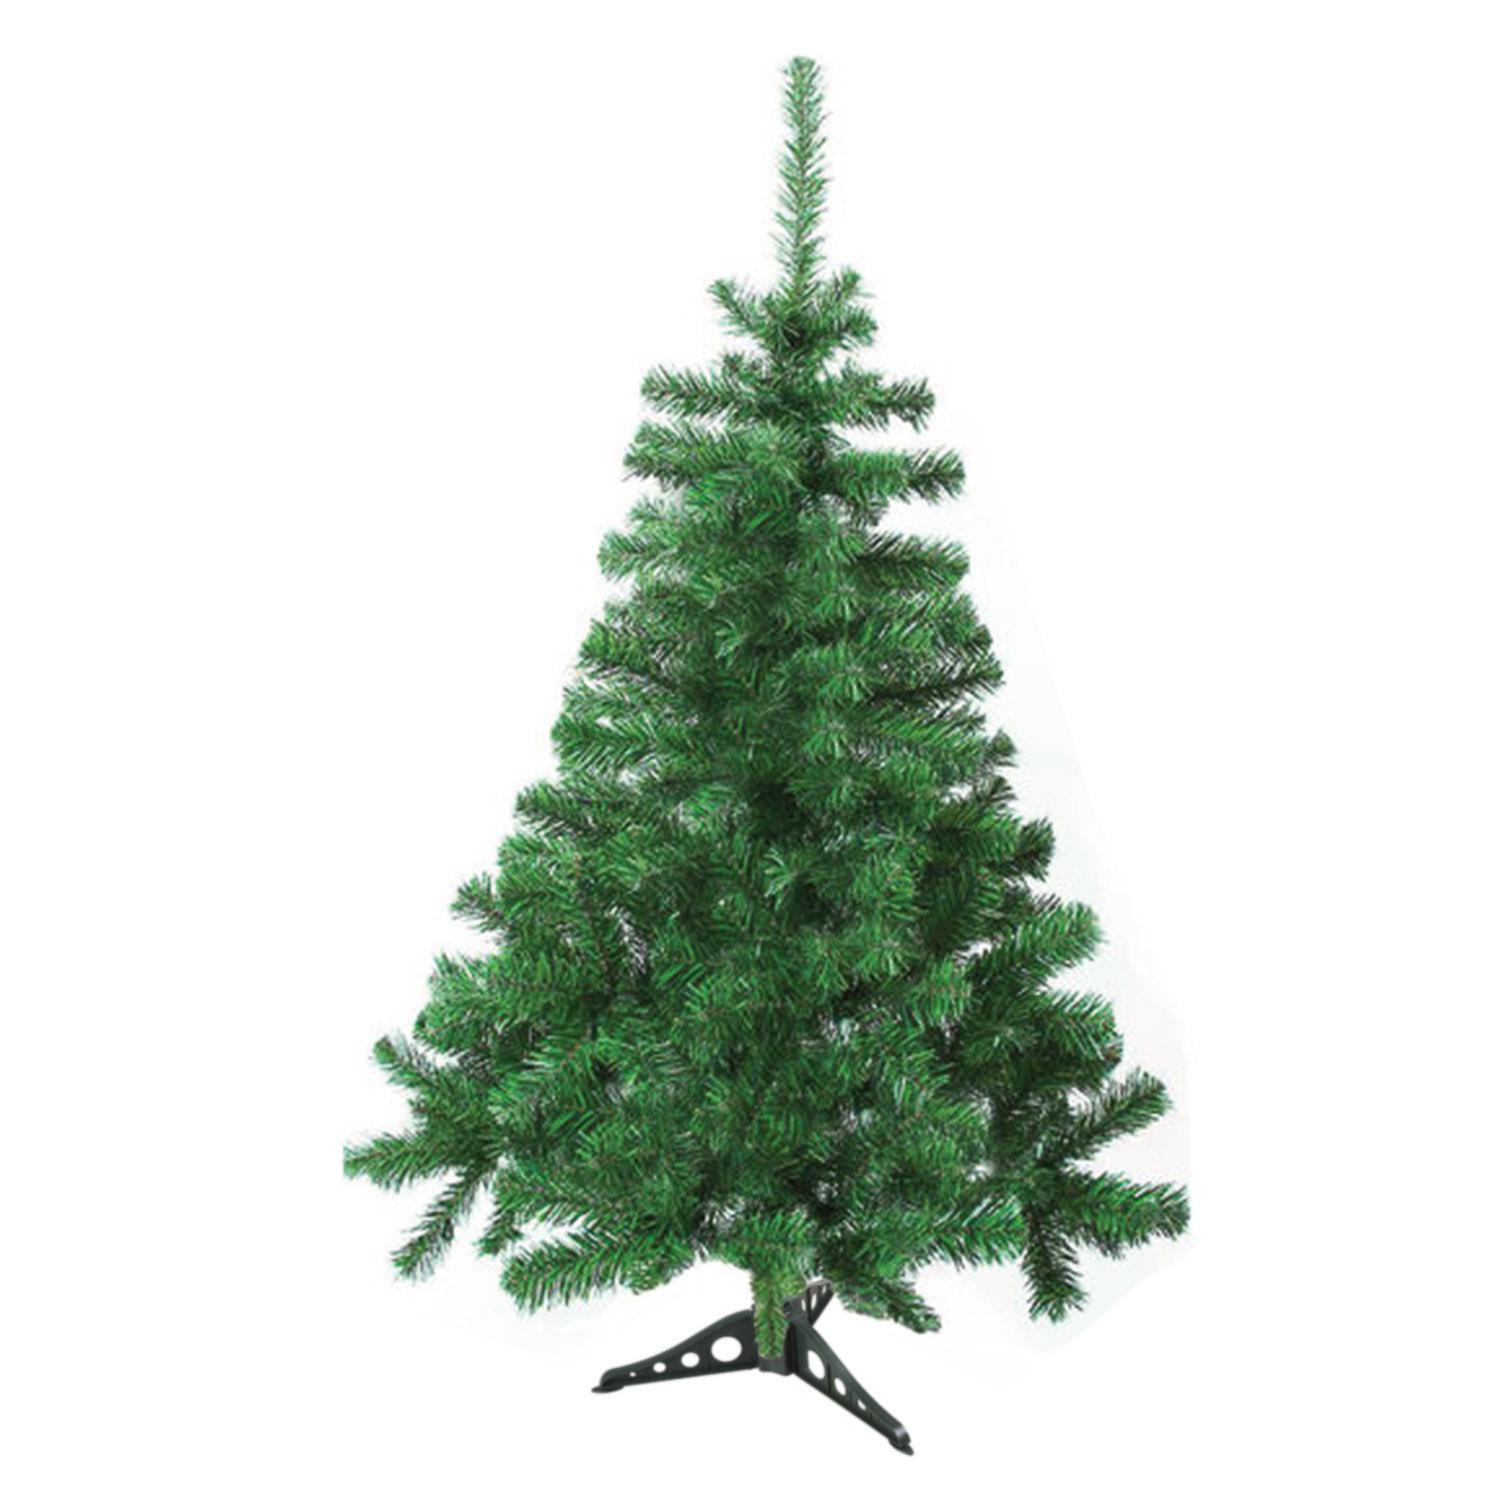 Tannenbaum Preise.Details Zu Weihnachtsbaum Kunstbaum Künstlicher Baum Tannenbaum 150 Cm Hoch 500 Spitzen